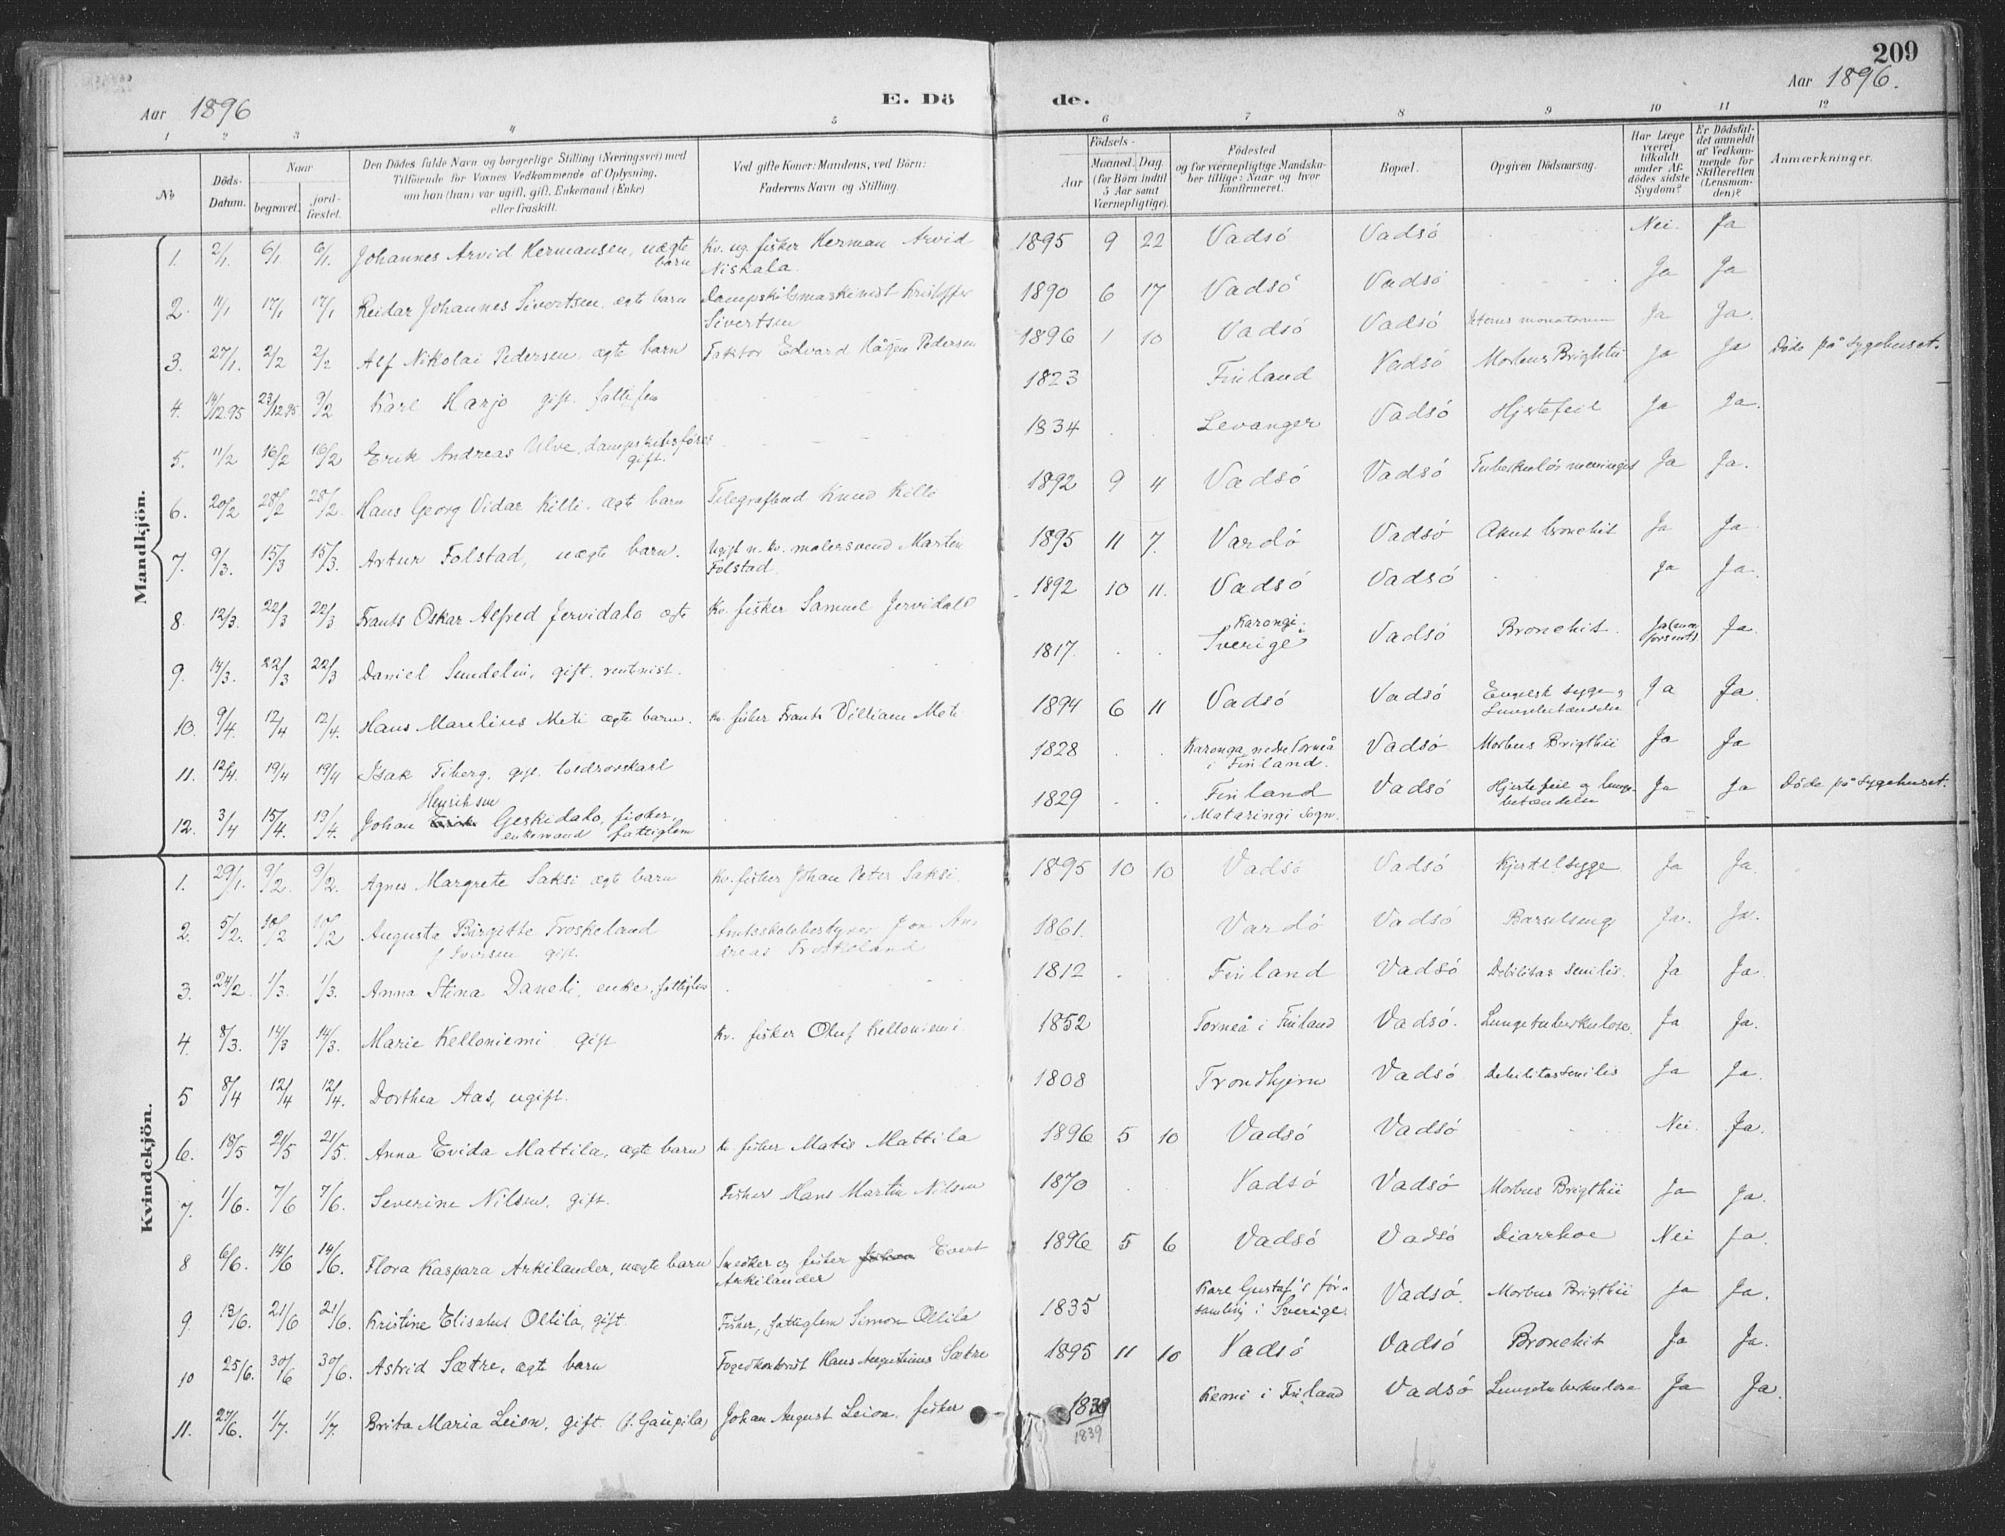 SATØ, Vadsø sokneprestkontor, H/Ha/L0007kirke: Ministerialbok nr. 7, 1896-1916, s. 209